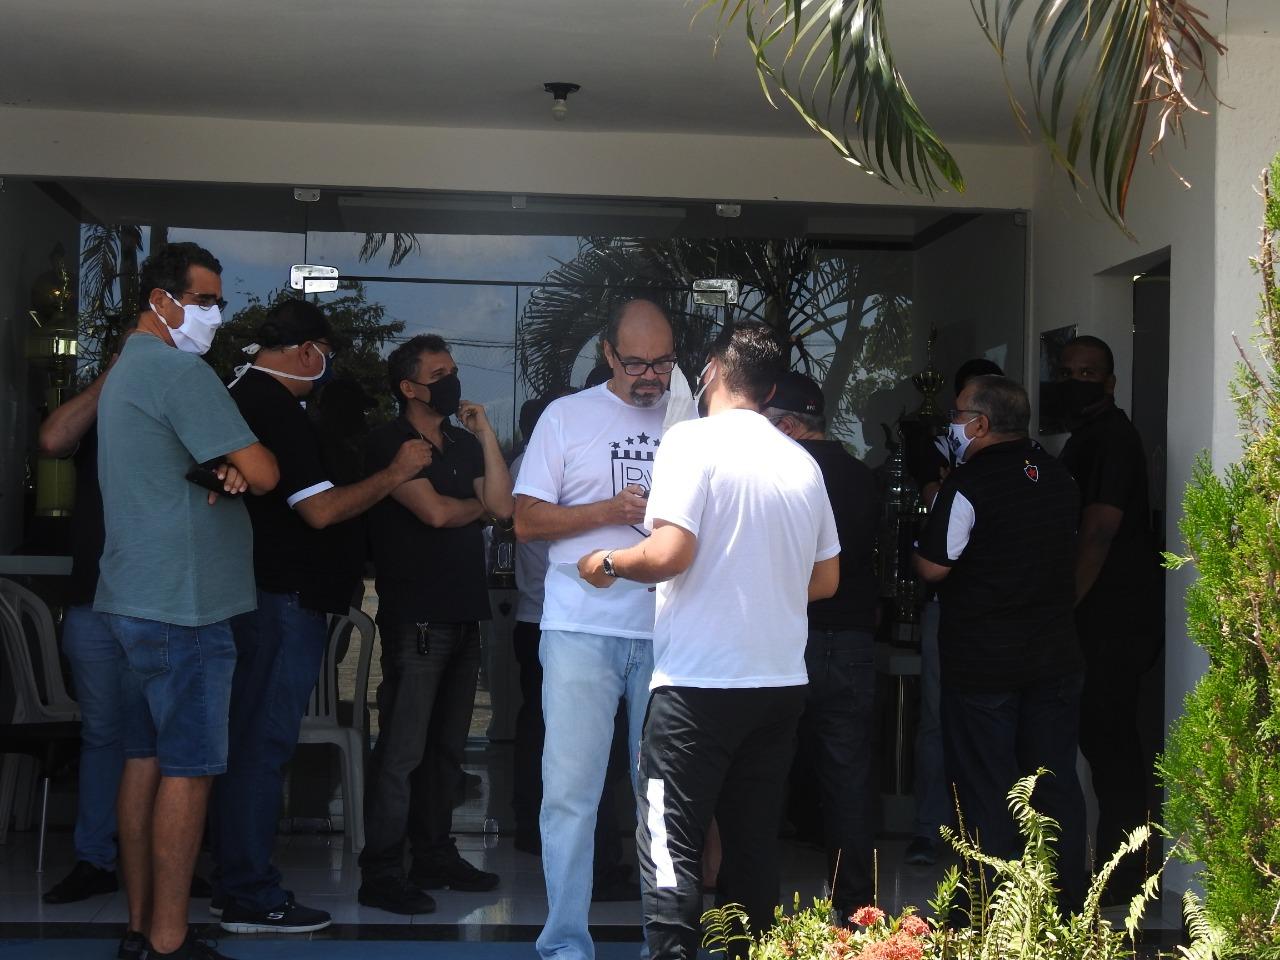 breno morais - Eleição no Botafogo-PB é suspensa após confusão por conta de liminar